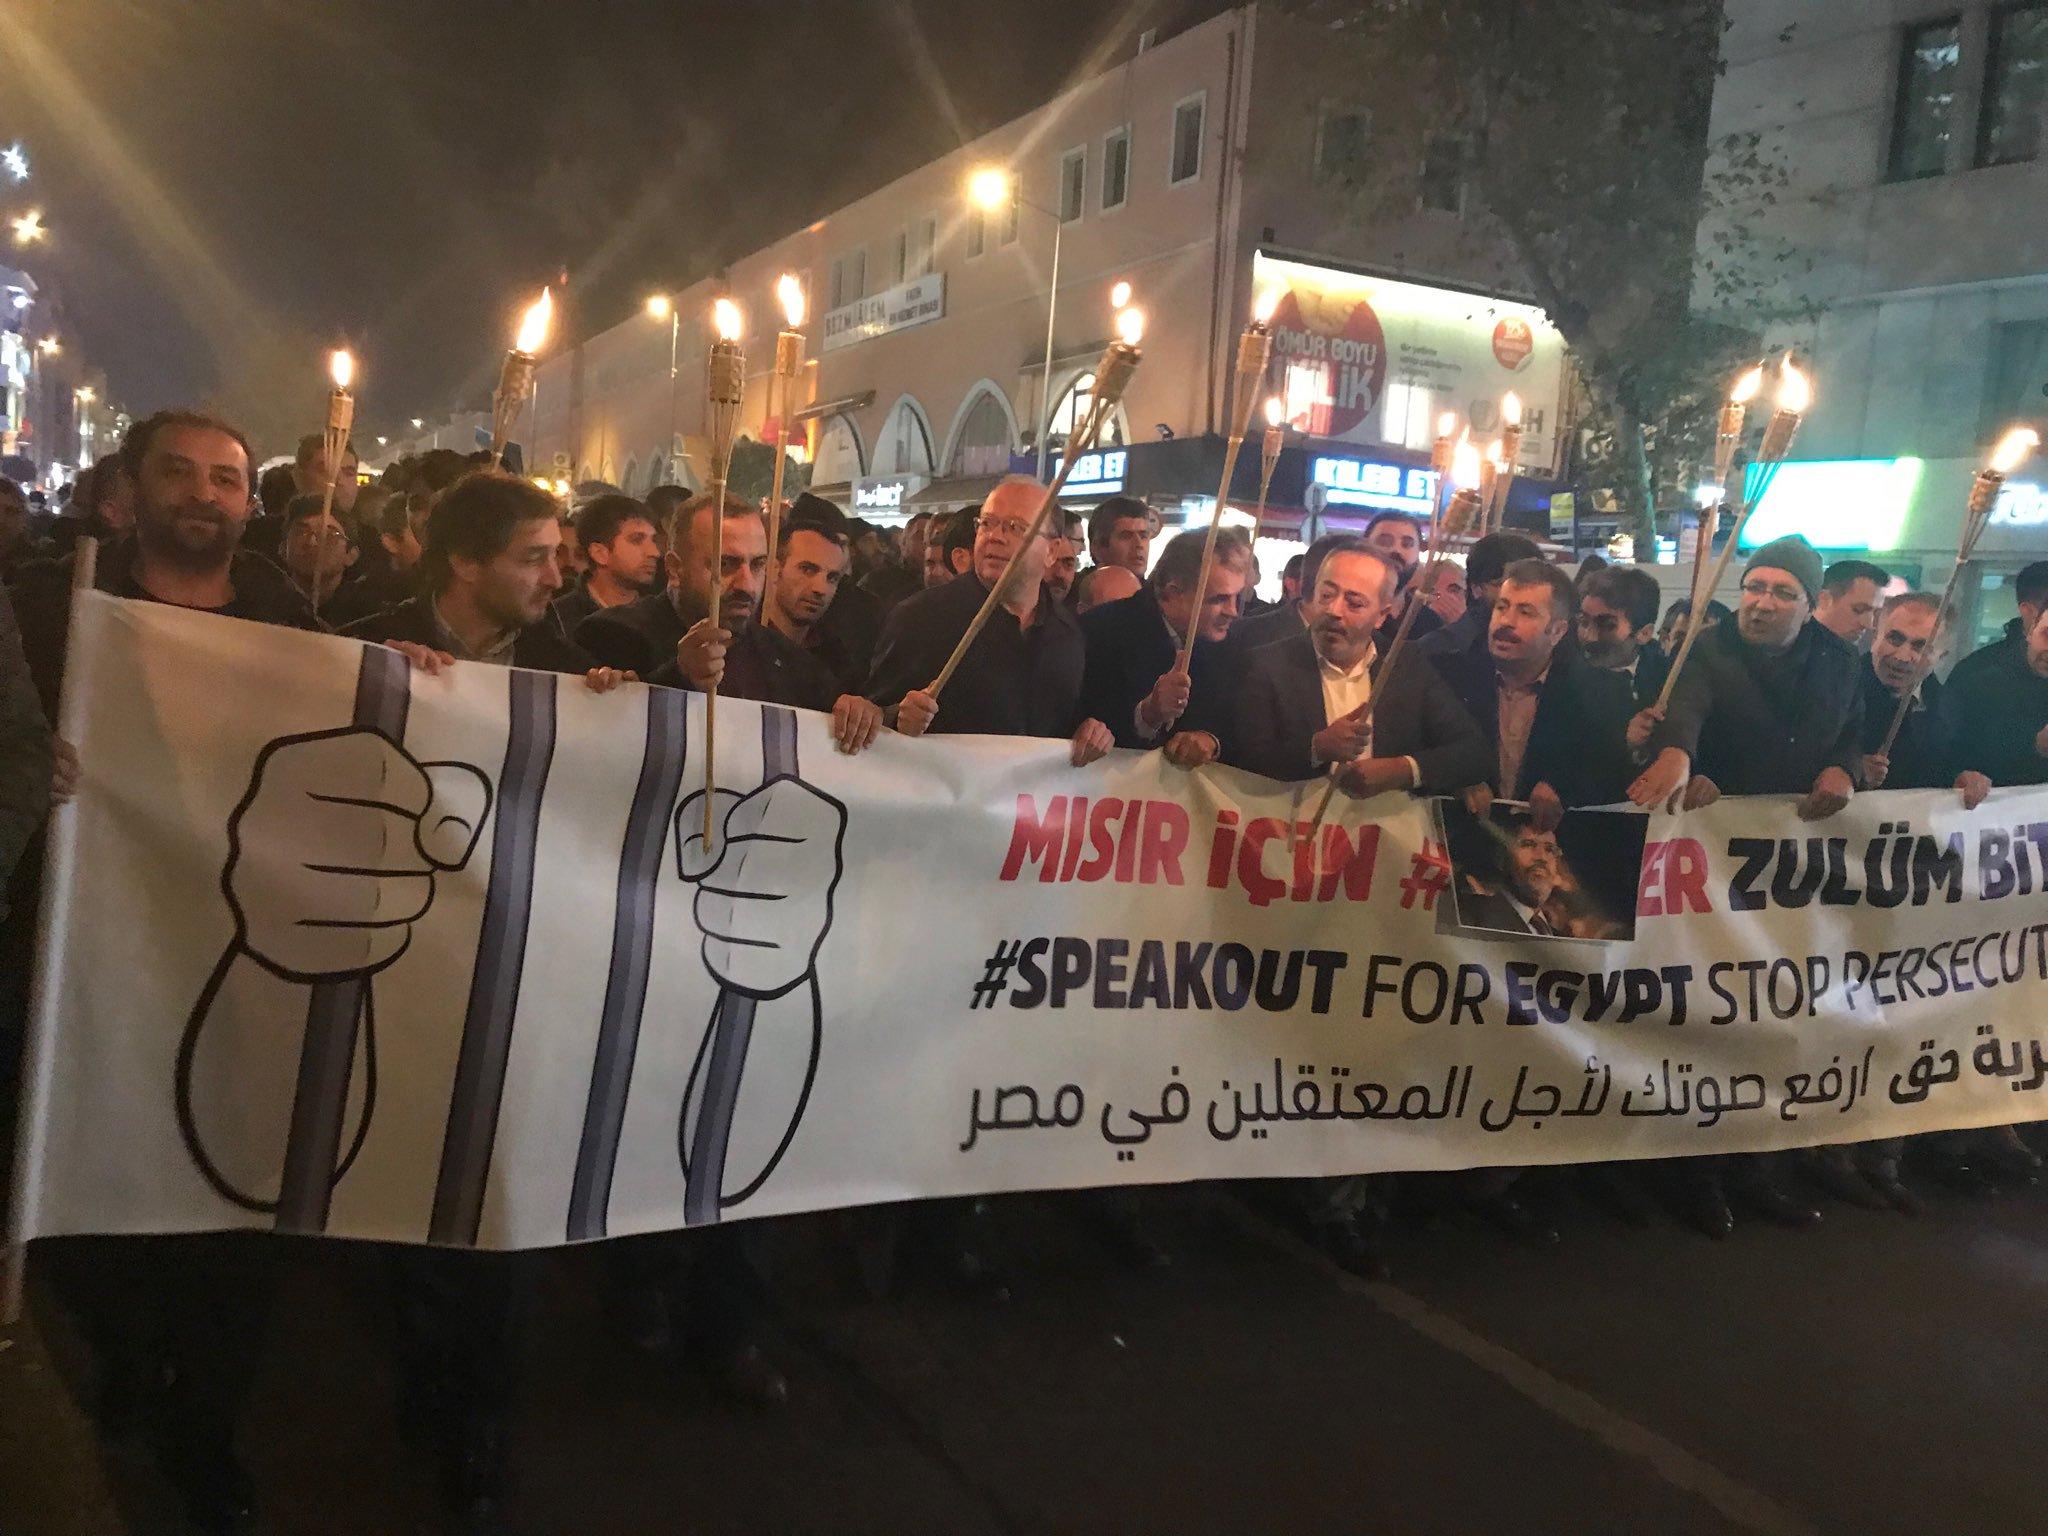 إسطنبول.. الآلاف يشاركون بمسيرة دعما للمعتقلين بالسجون المصرية